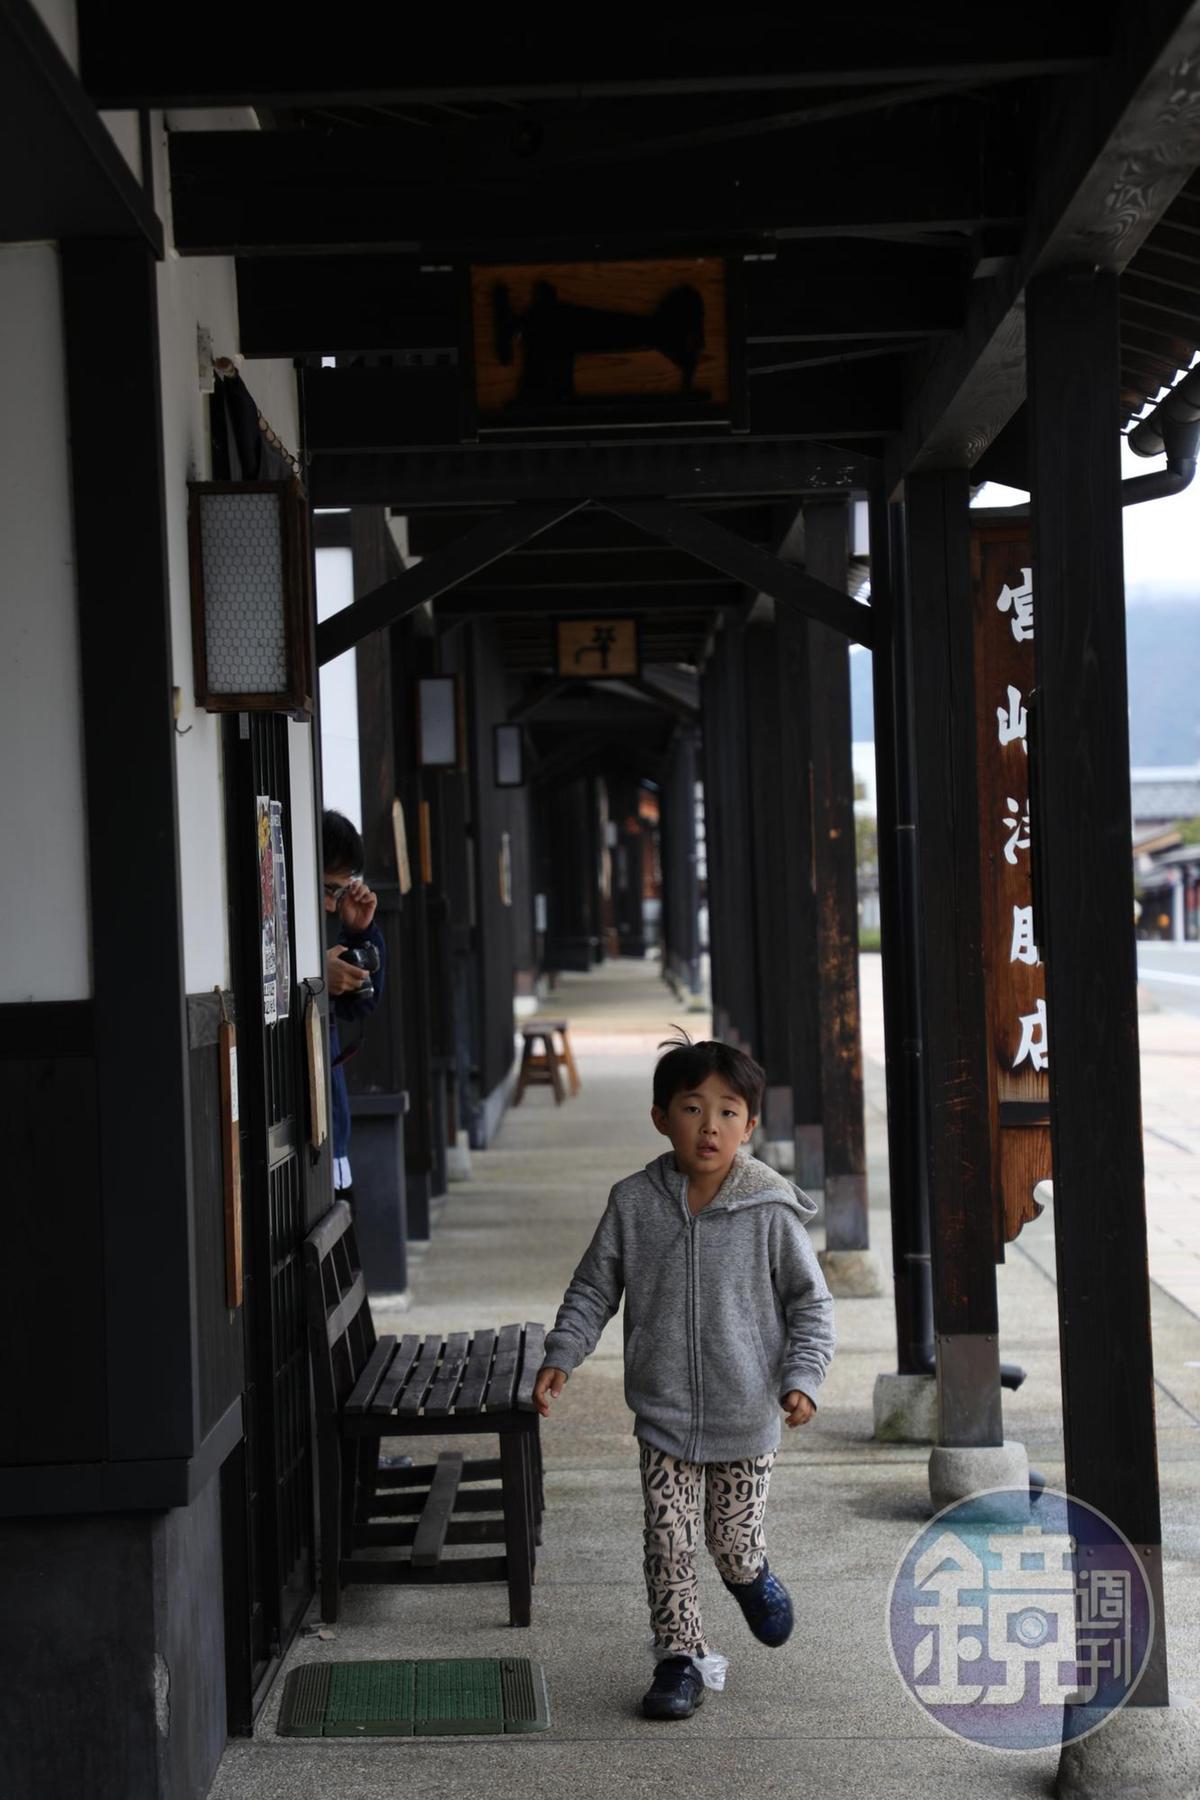 小男孩開心地在屋簷下奔跑玩耍。